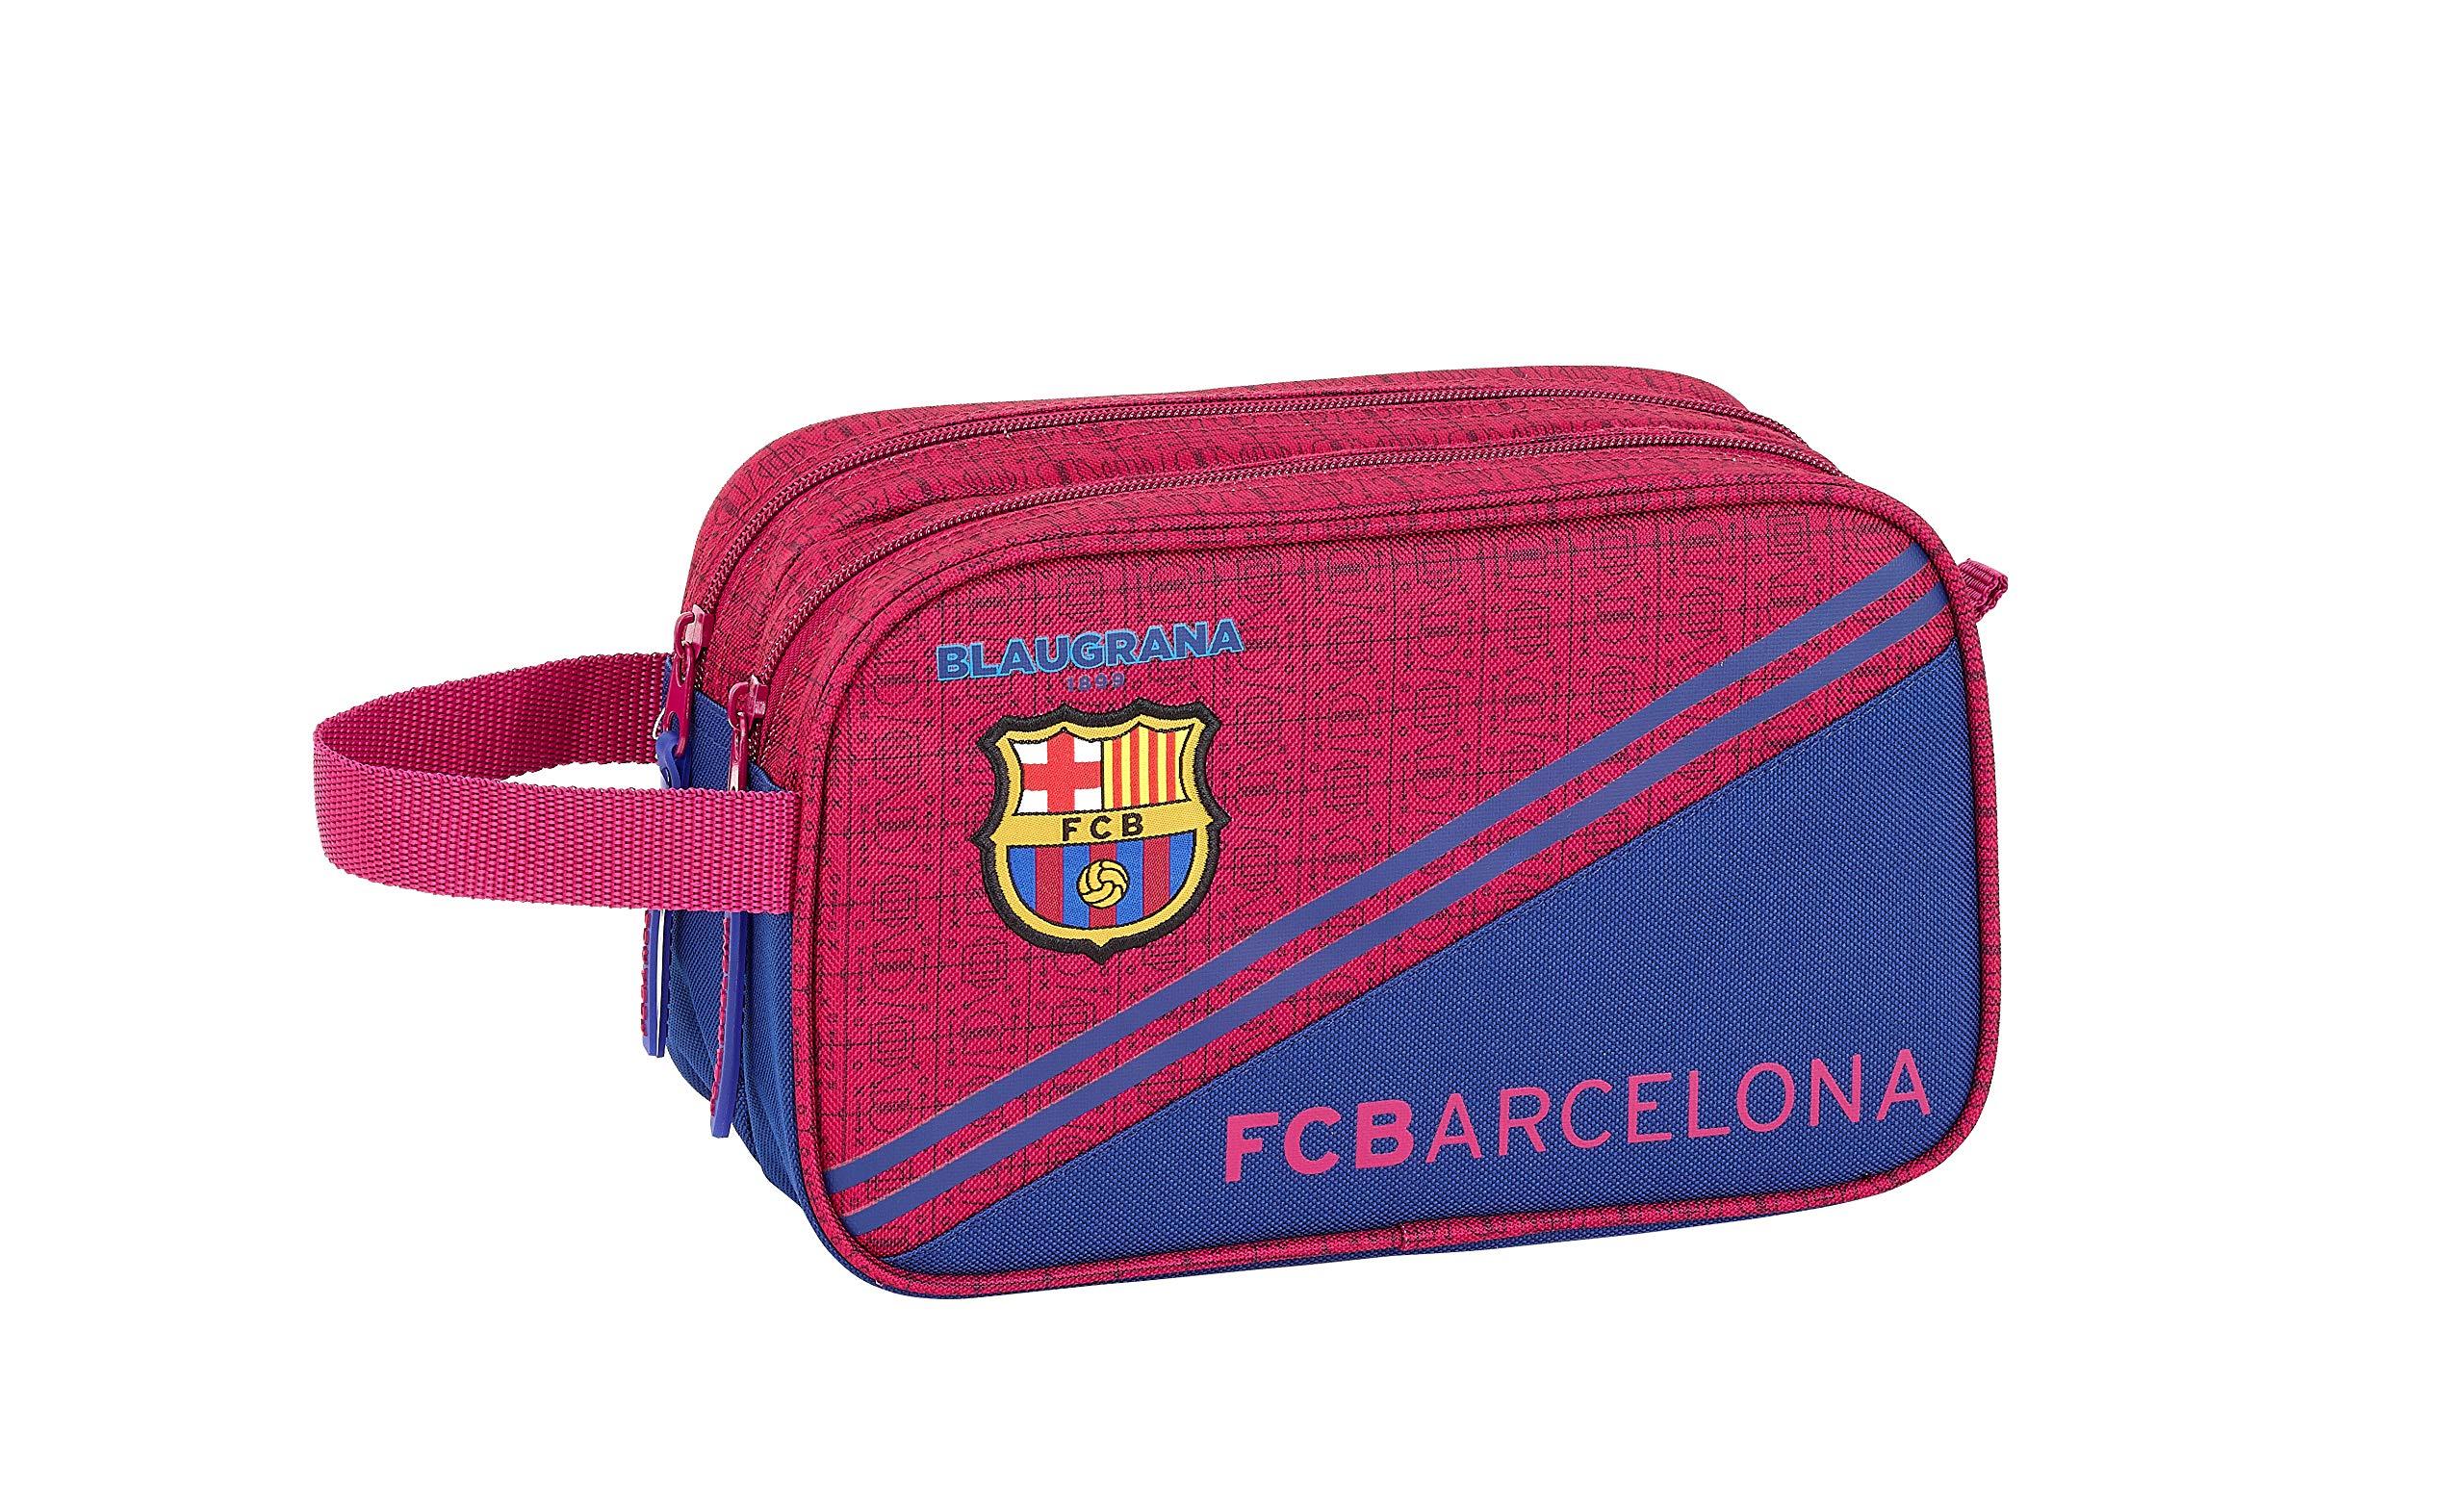 FC Barcelona Corporativa Oficial Mochila Escolar Infantil Grande 260x125x150mm